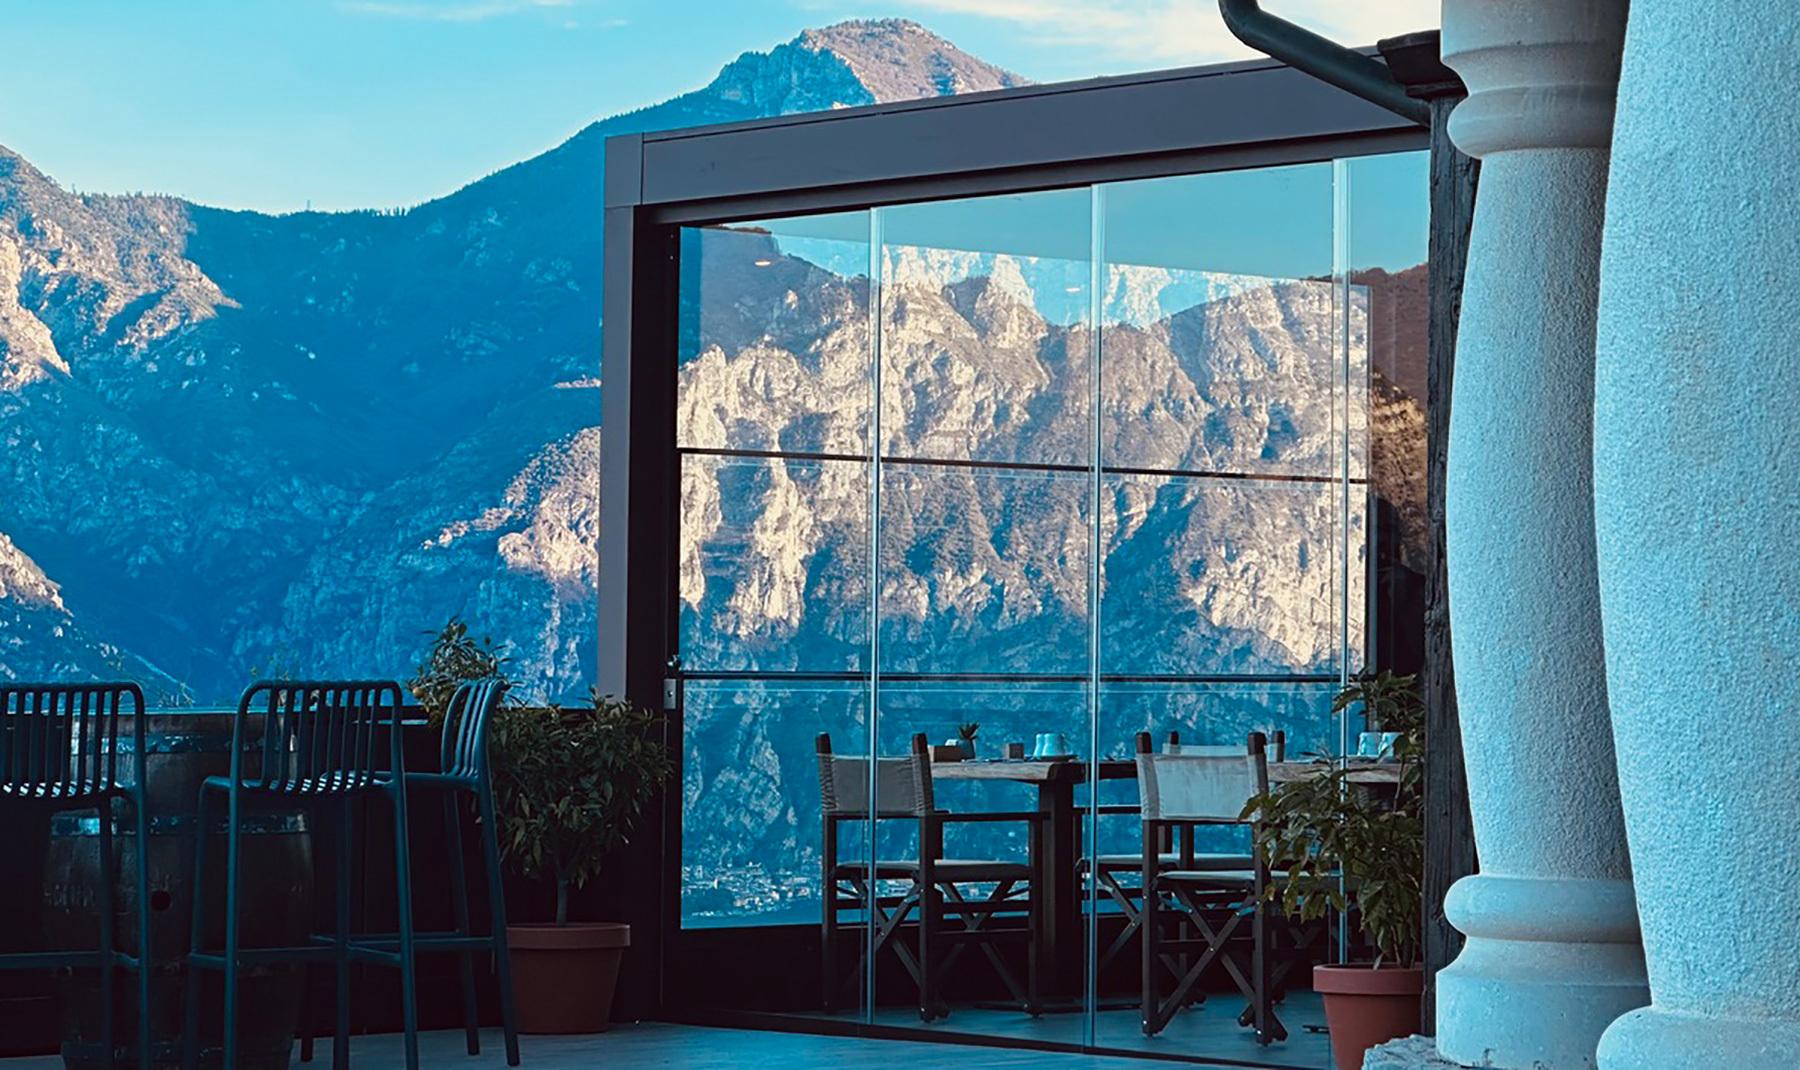 Ristorante La Stüa - Lago di Garda, Malcesine